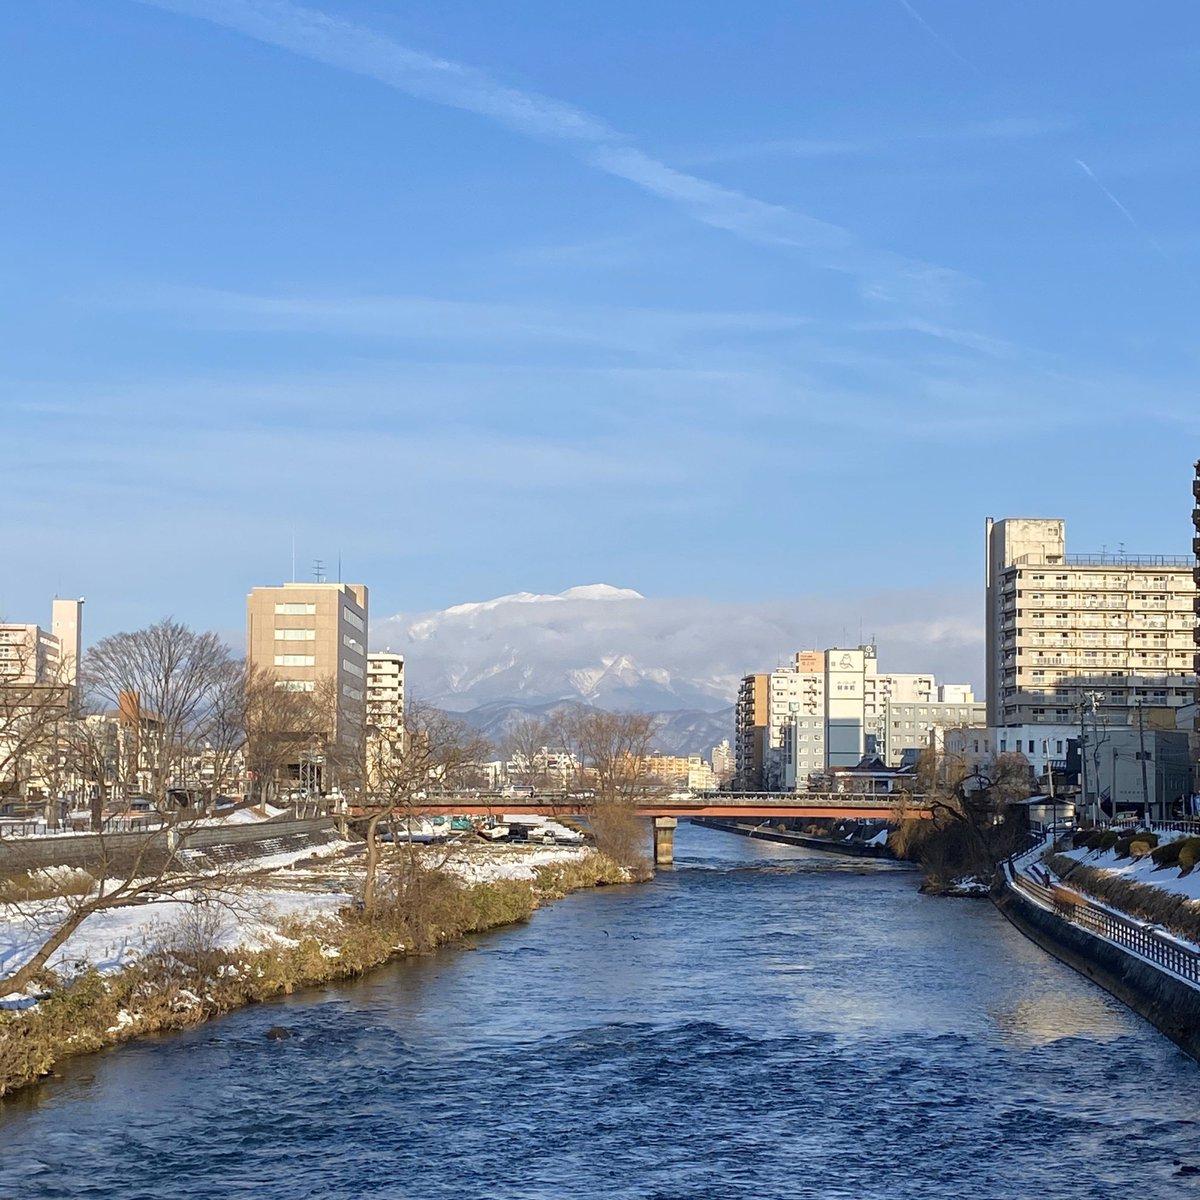 2020/01/10 盛岡市の開運橋から撮影。みなさま、体調管理に気をつけてお過ごしください。 #岩手 #盛岡 #北上川 #岩手山 #岩手においでよ #110番の日